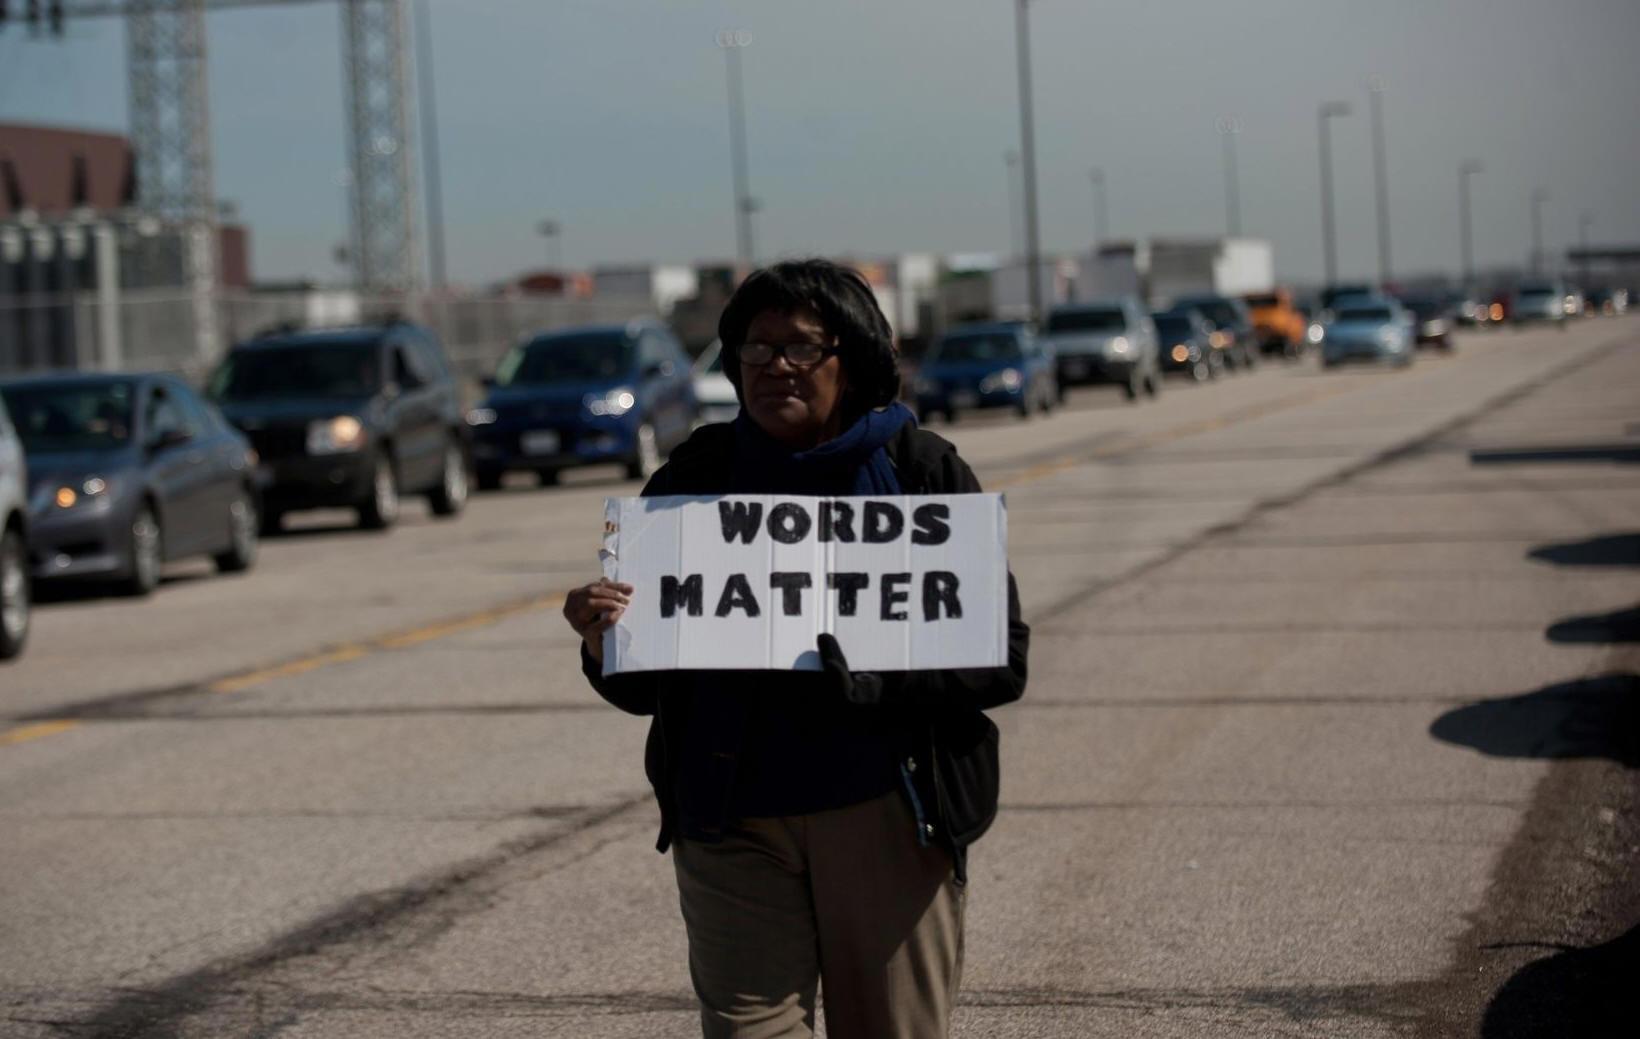 Trump_Protestor_-_words_matter.jpg